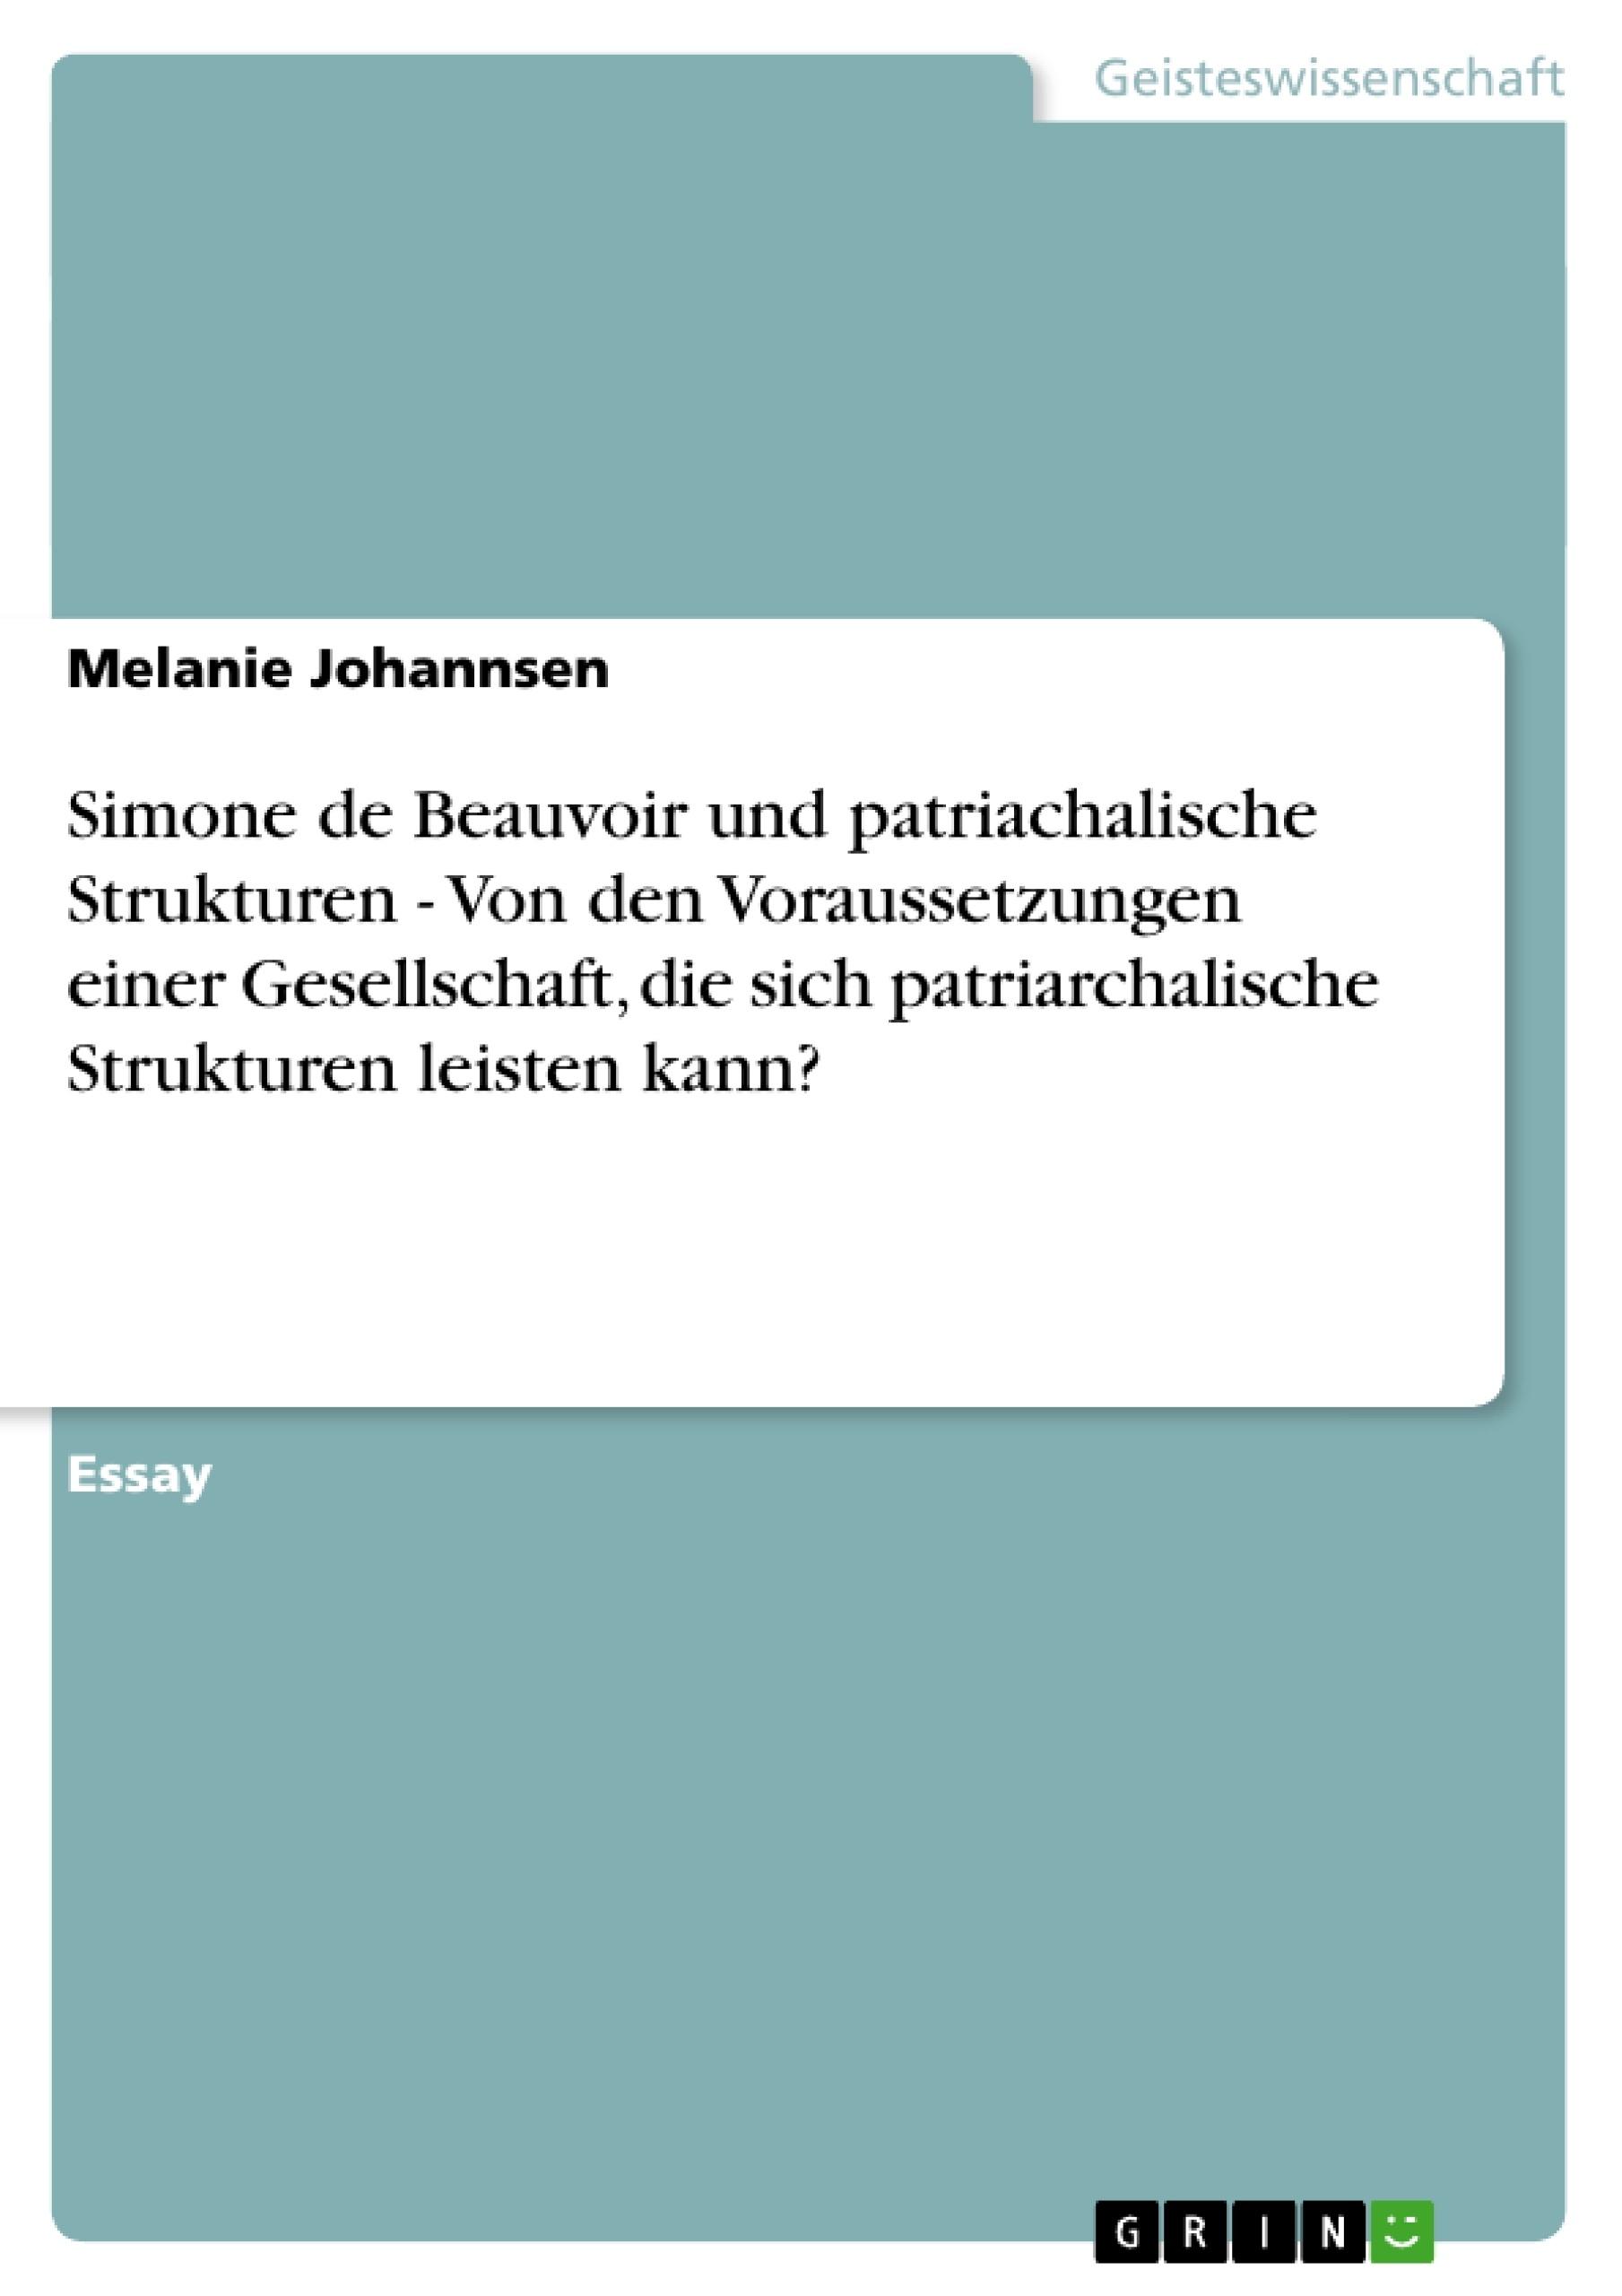 Titel: Simone de Beauvoir und patriachalische Strukturen - Von den Voraussetzungen einer Gesellschaft, die sich patriarchalische Strukturen leisten kann?